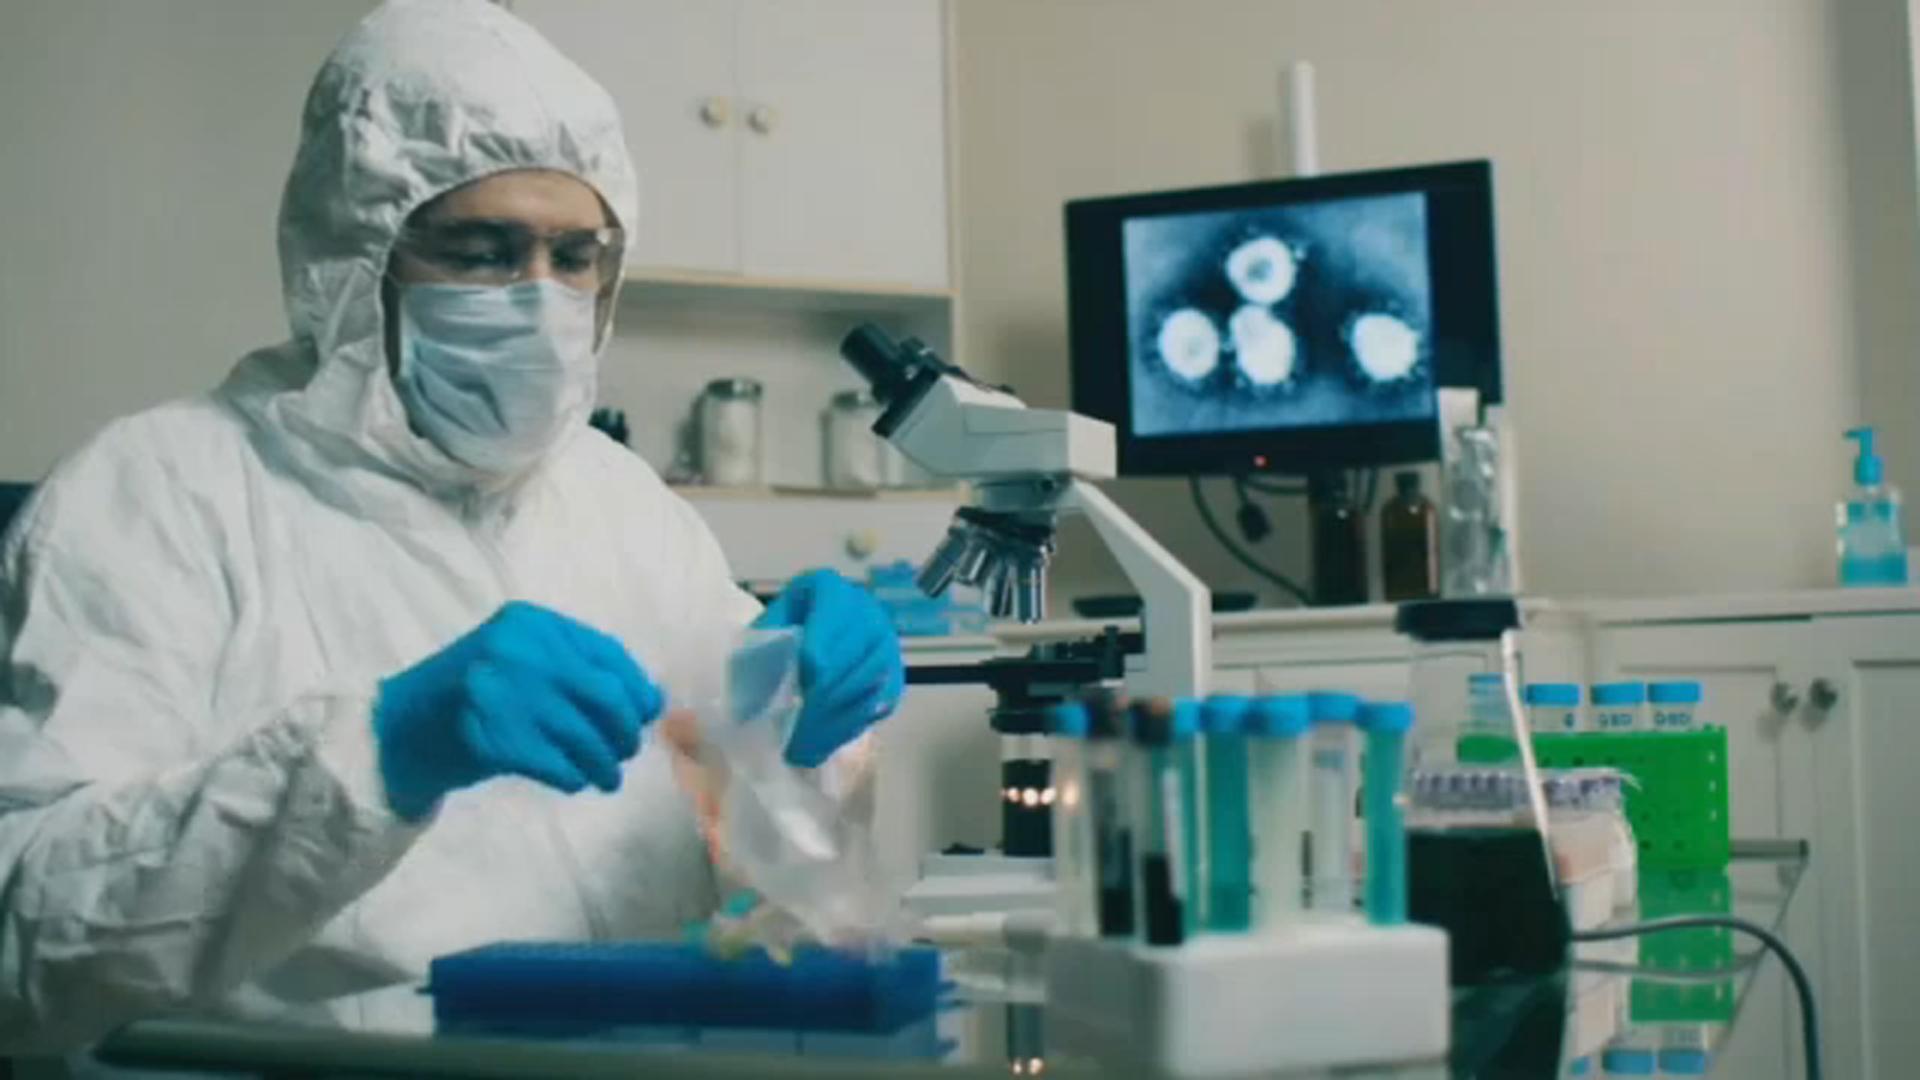 Κορωνοϊός τεστ αίμα:  Εντοπίζει ασθενείς με COVID-19 σε υψηλό κίνδυνο σοβαρής νόσου